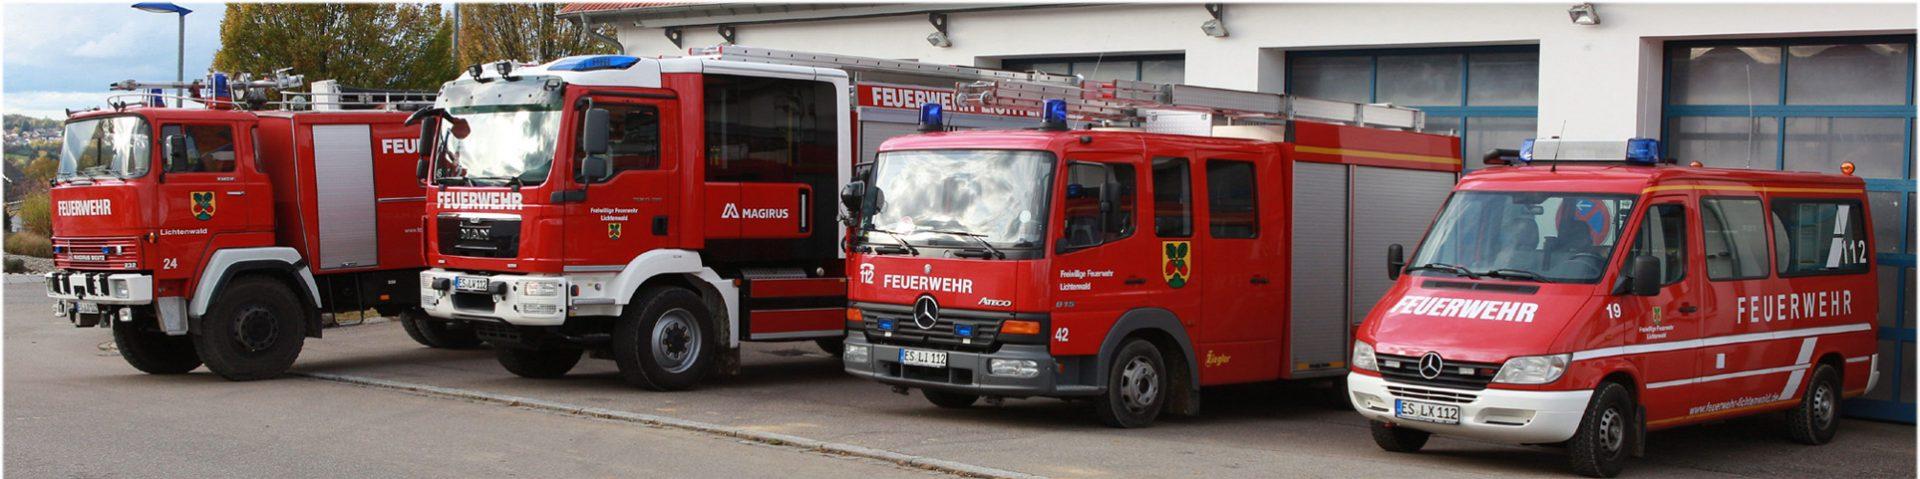 Freiwillige Feuerwehr Lichtenwald